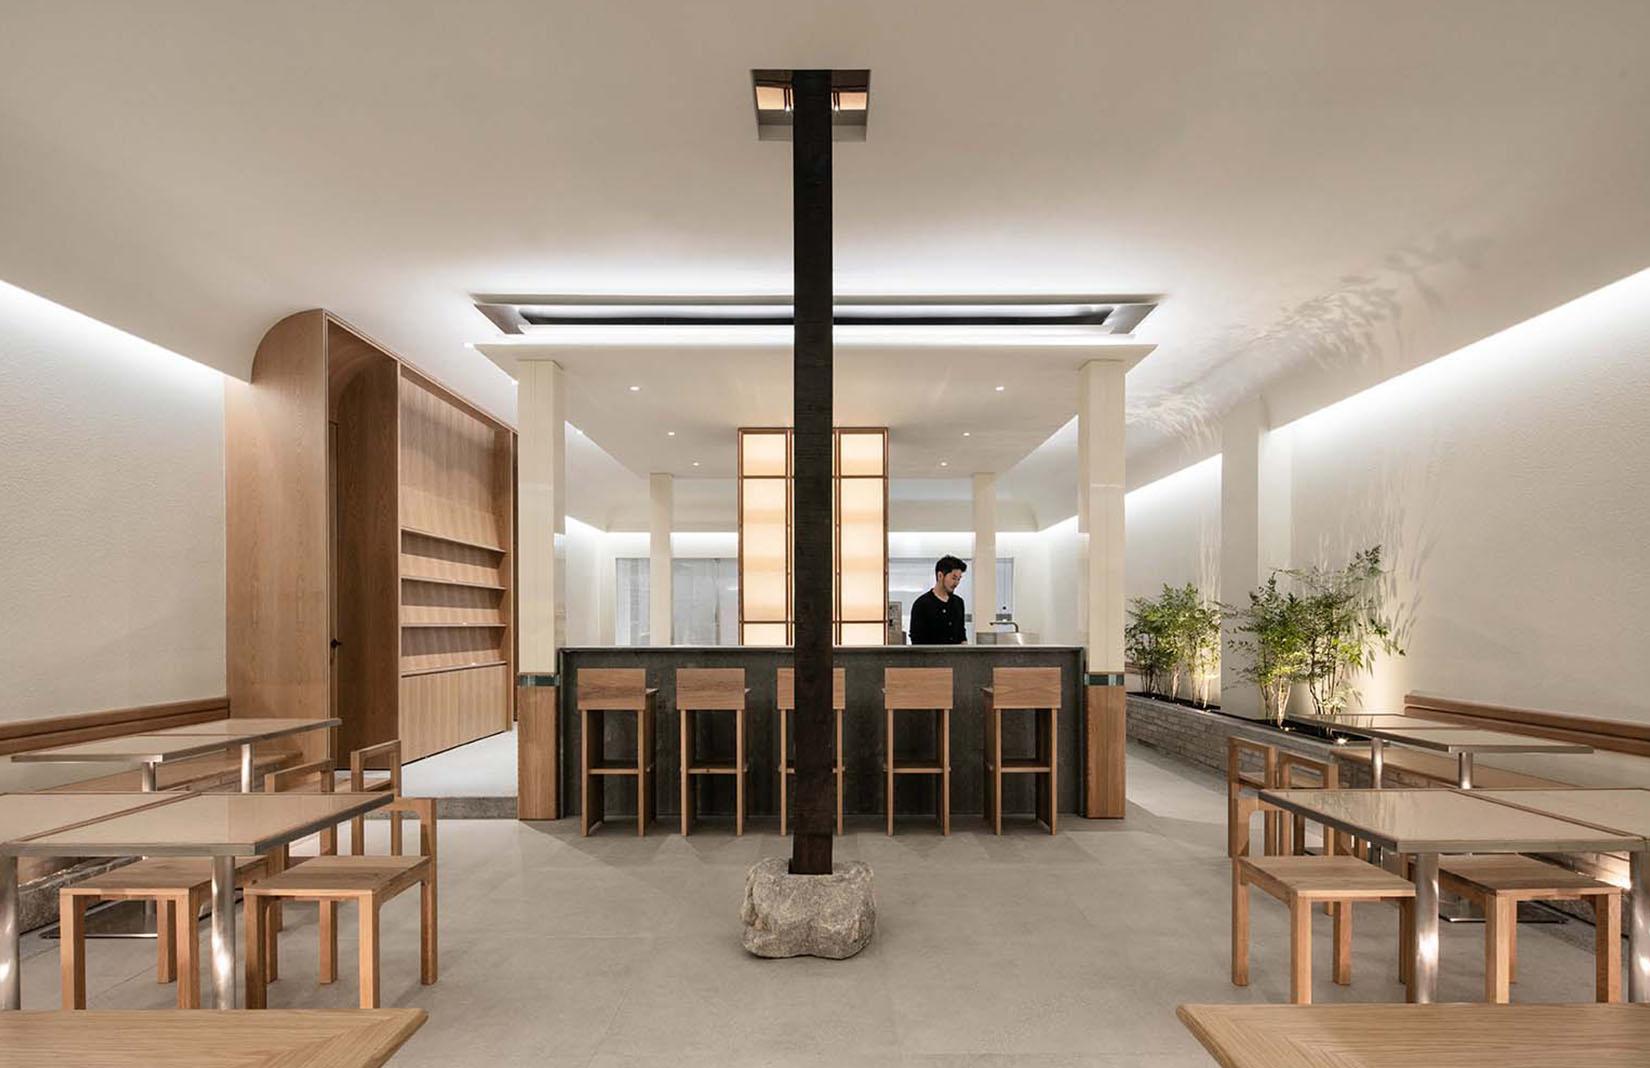 Thiết kế quán cafe theo phong cách Minimalist